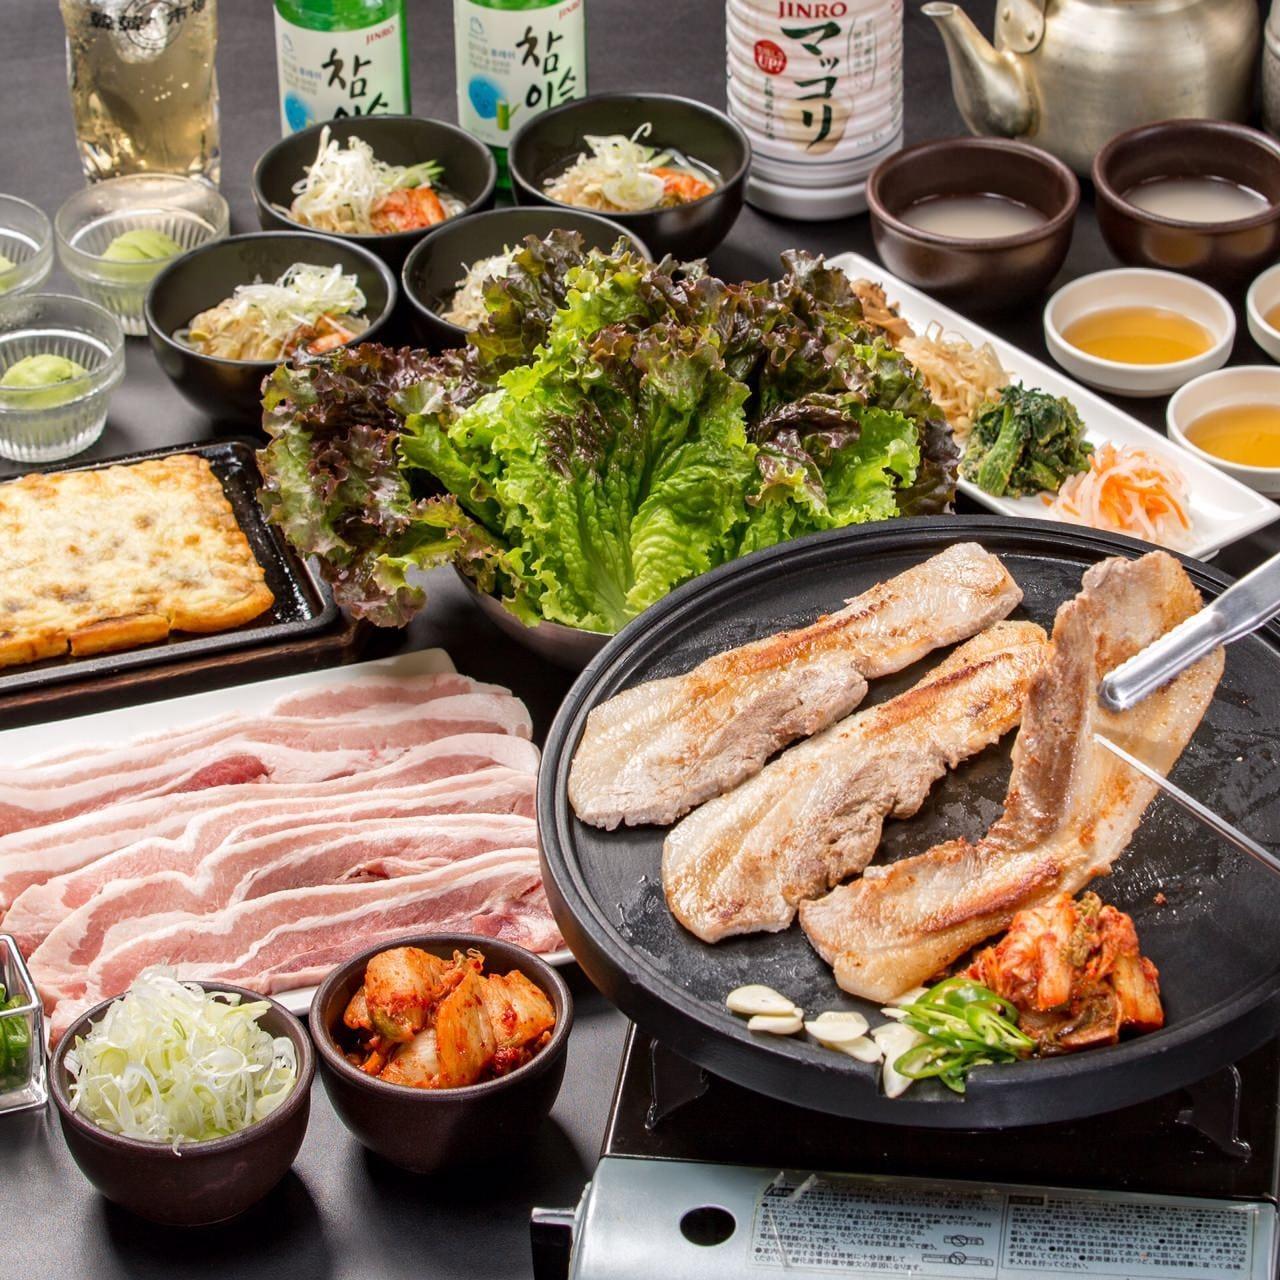 韓国居酒屋 チーズタッカルビ 韓韓市場 品川グランパサージュ店